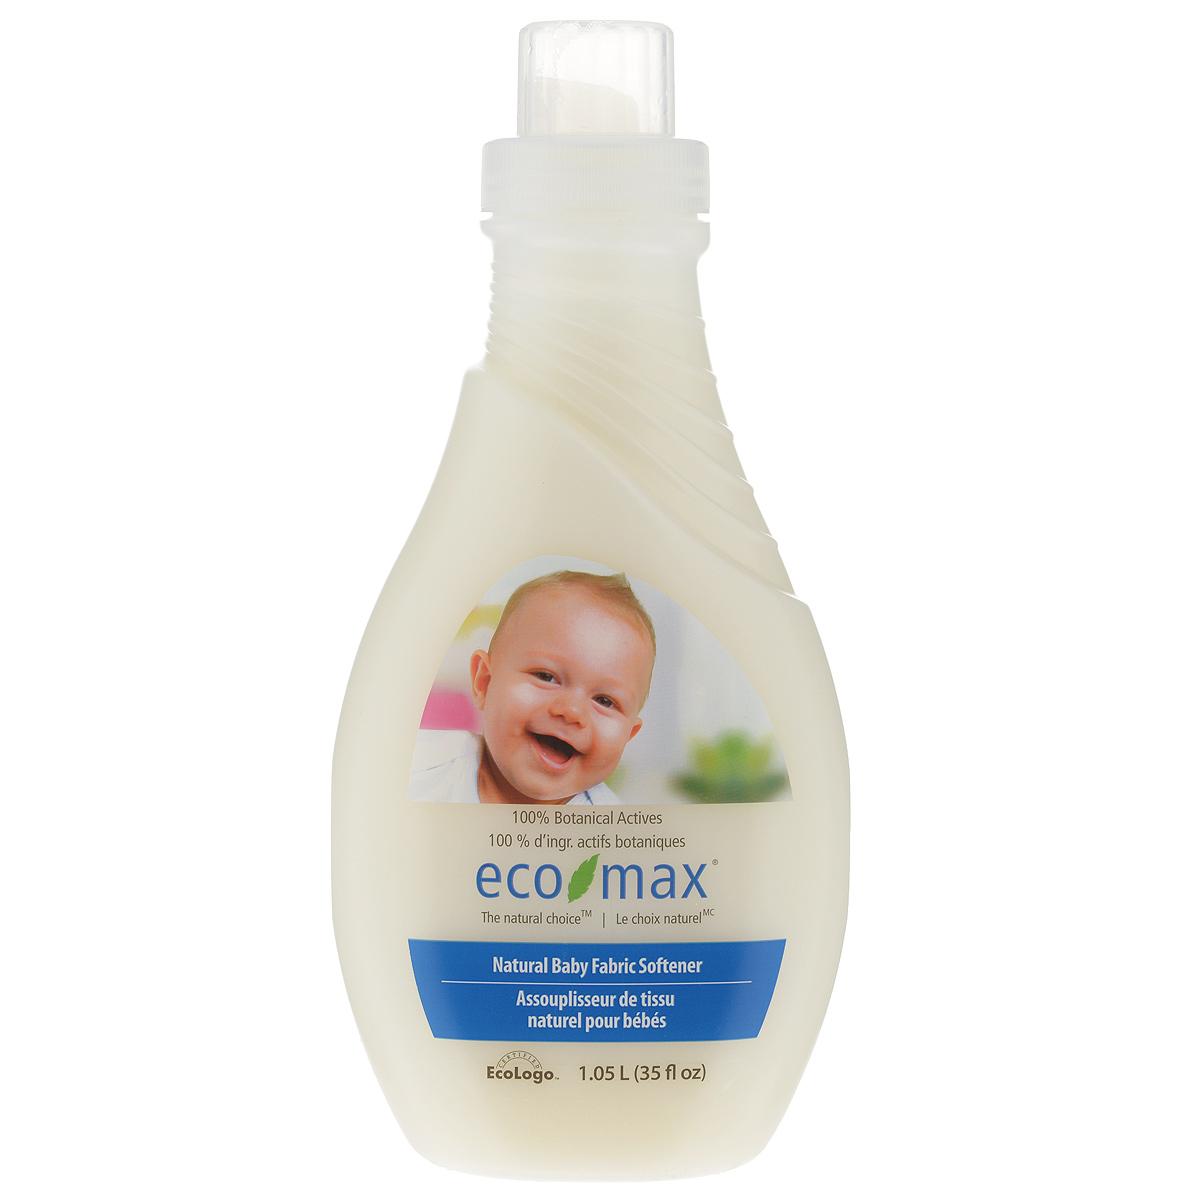 Кондиционер для детского белья Eco Max, 1,05 лEmax-C136Кондиционер для детского белья Eco Max - гипоаллергенный кондиционер без запаха, без сульфатов, на растительной основе, полностью биоразлагаемый. Уменьшает статическое электричество, восстанавливает мягкость детского белья. Не содержит токсичных химических веществ и ароматизаторов, безопасен для чувствительной кожи. Подходит для ручной и машинной стирки, для всех типов ткани. Состав: вода, четвертичное соединение растительного масла, пищевой сорбат калия в качестве консерванта и пищевая лимонная кислота. Товар сертифицирован.